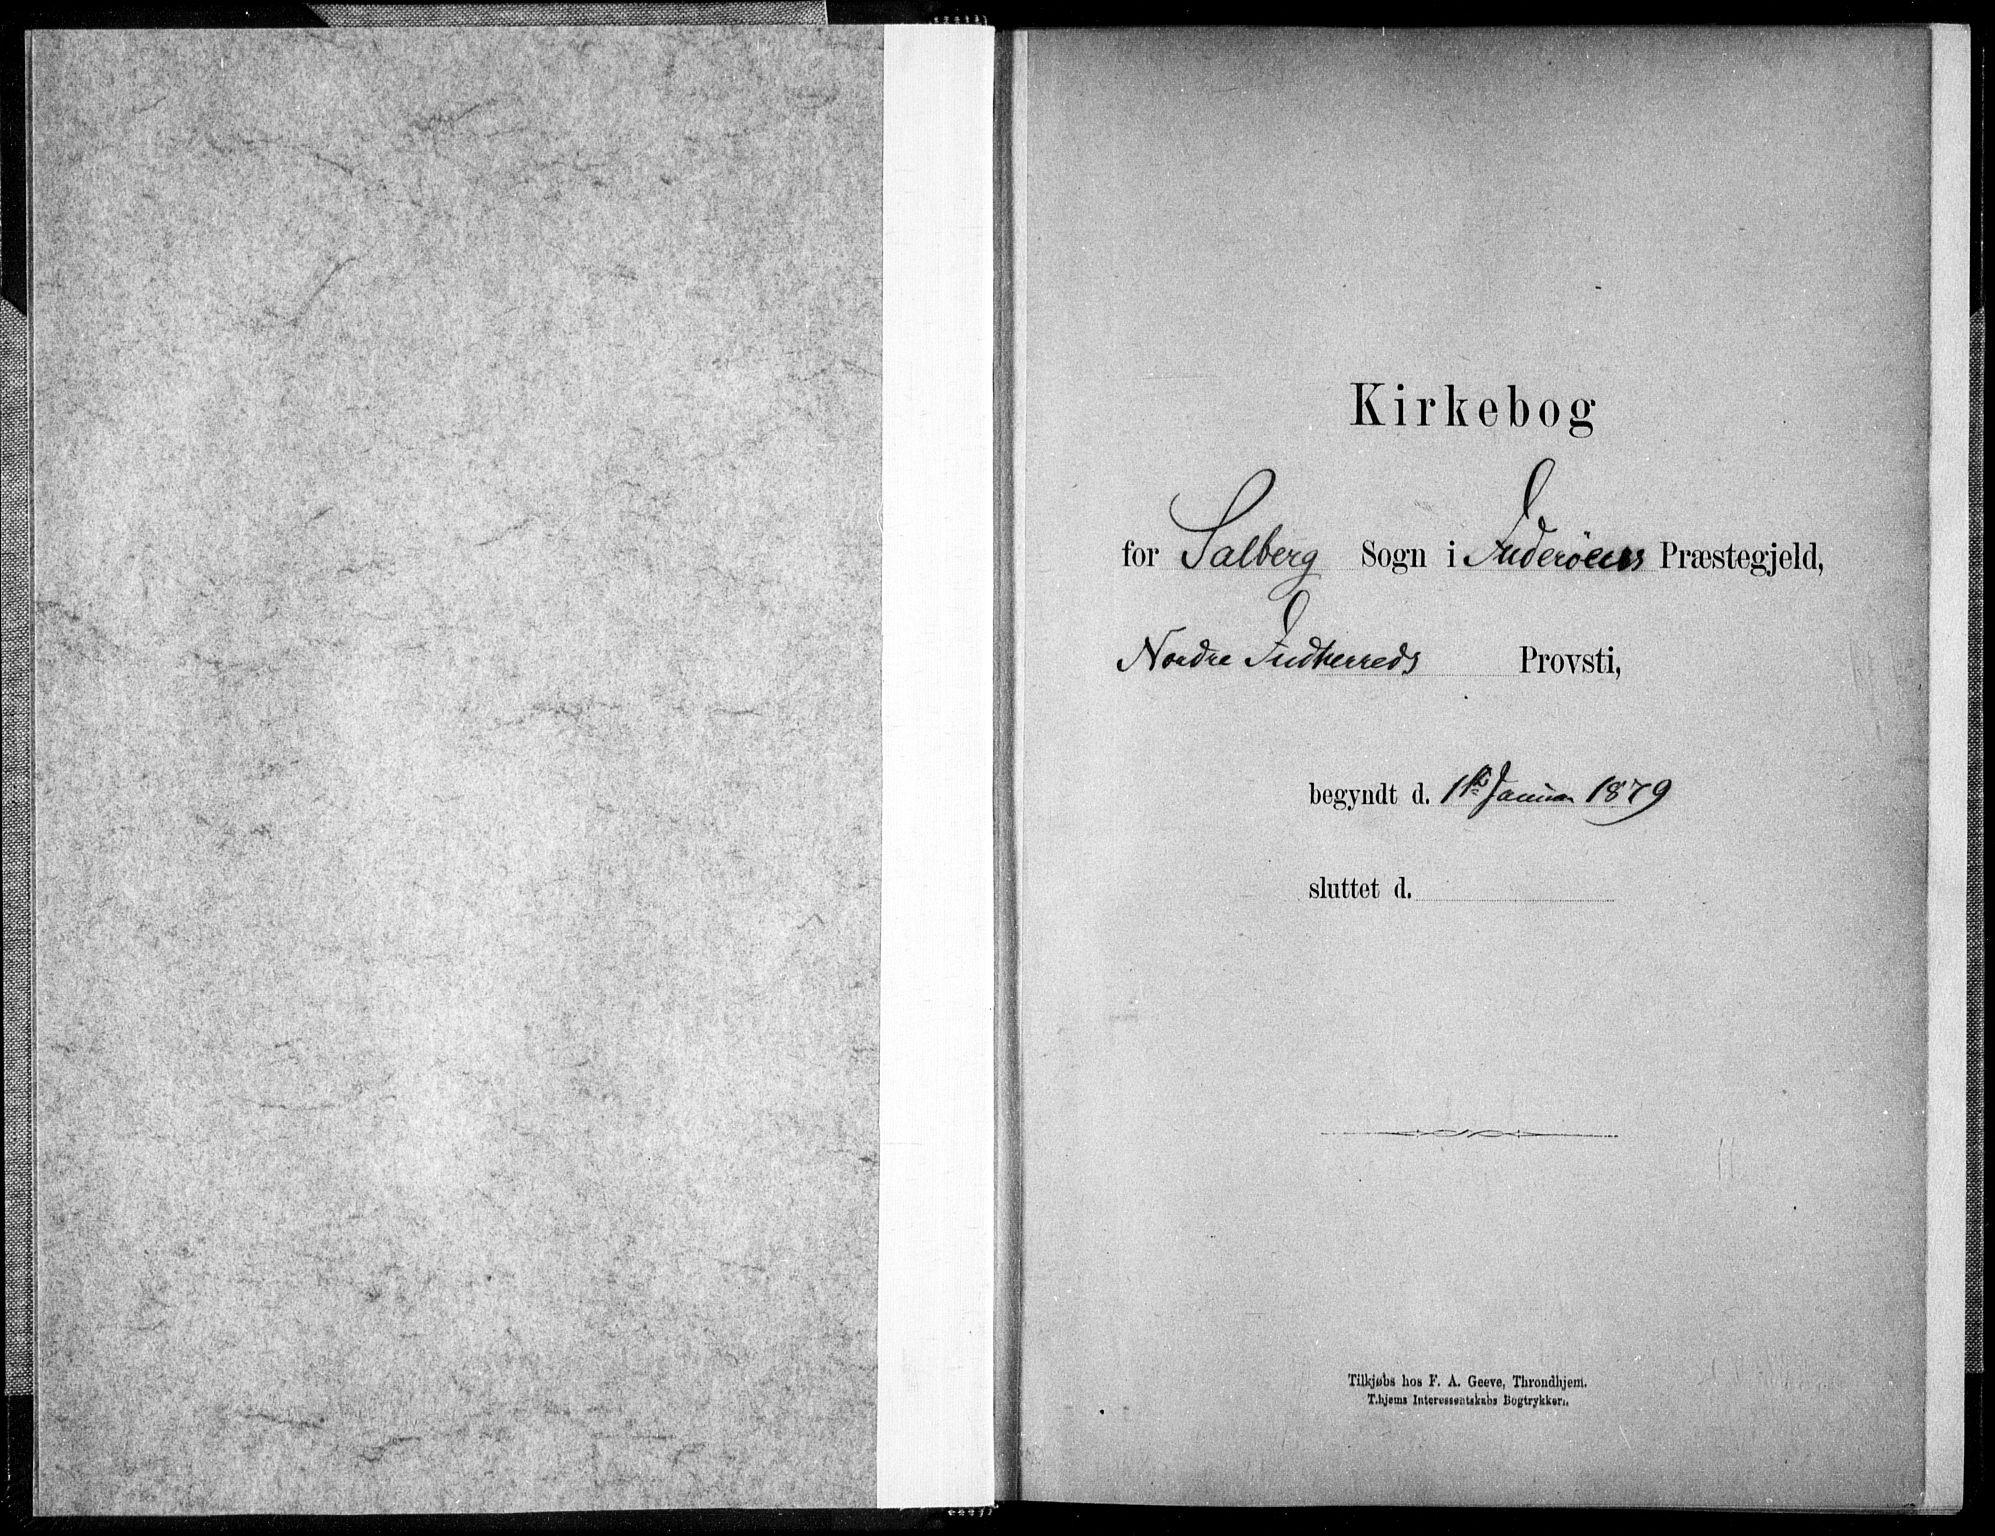 SAT, Ministerialprotokoller, klokkerbøker og fødselsregistre - Nord-Trøndelag, 731/L0309: Ministerialbok nr. 731A01, 1879-1918